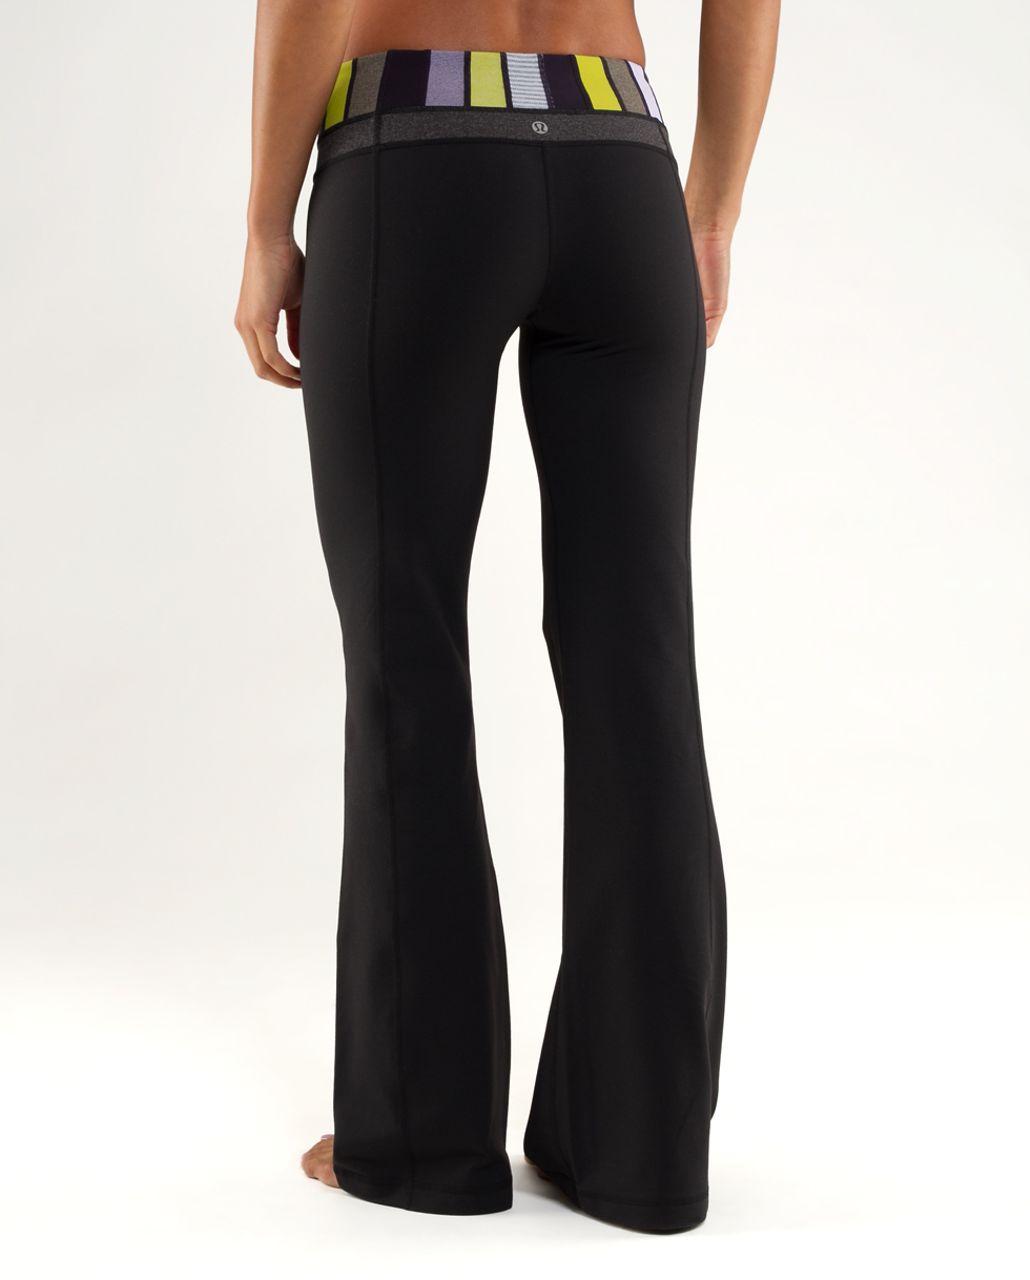 Lululemon Groove Pant (Regular) - Black /  Quilting Winter 1 /  Black Swan Heathered Black Herringbone